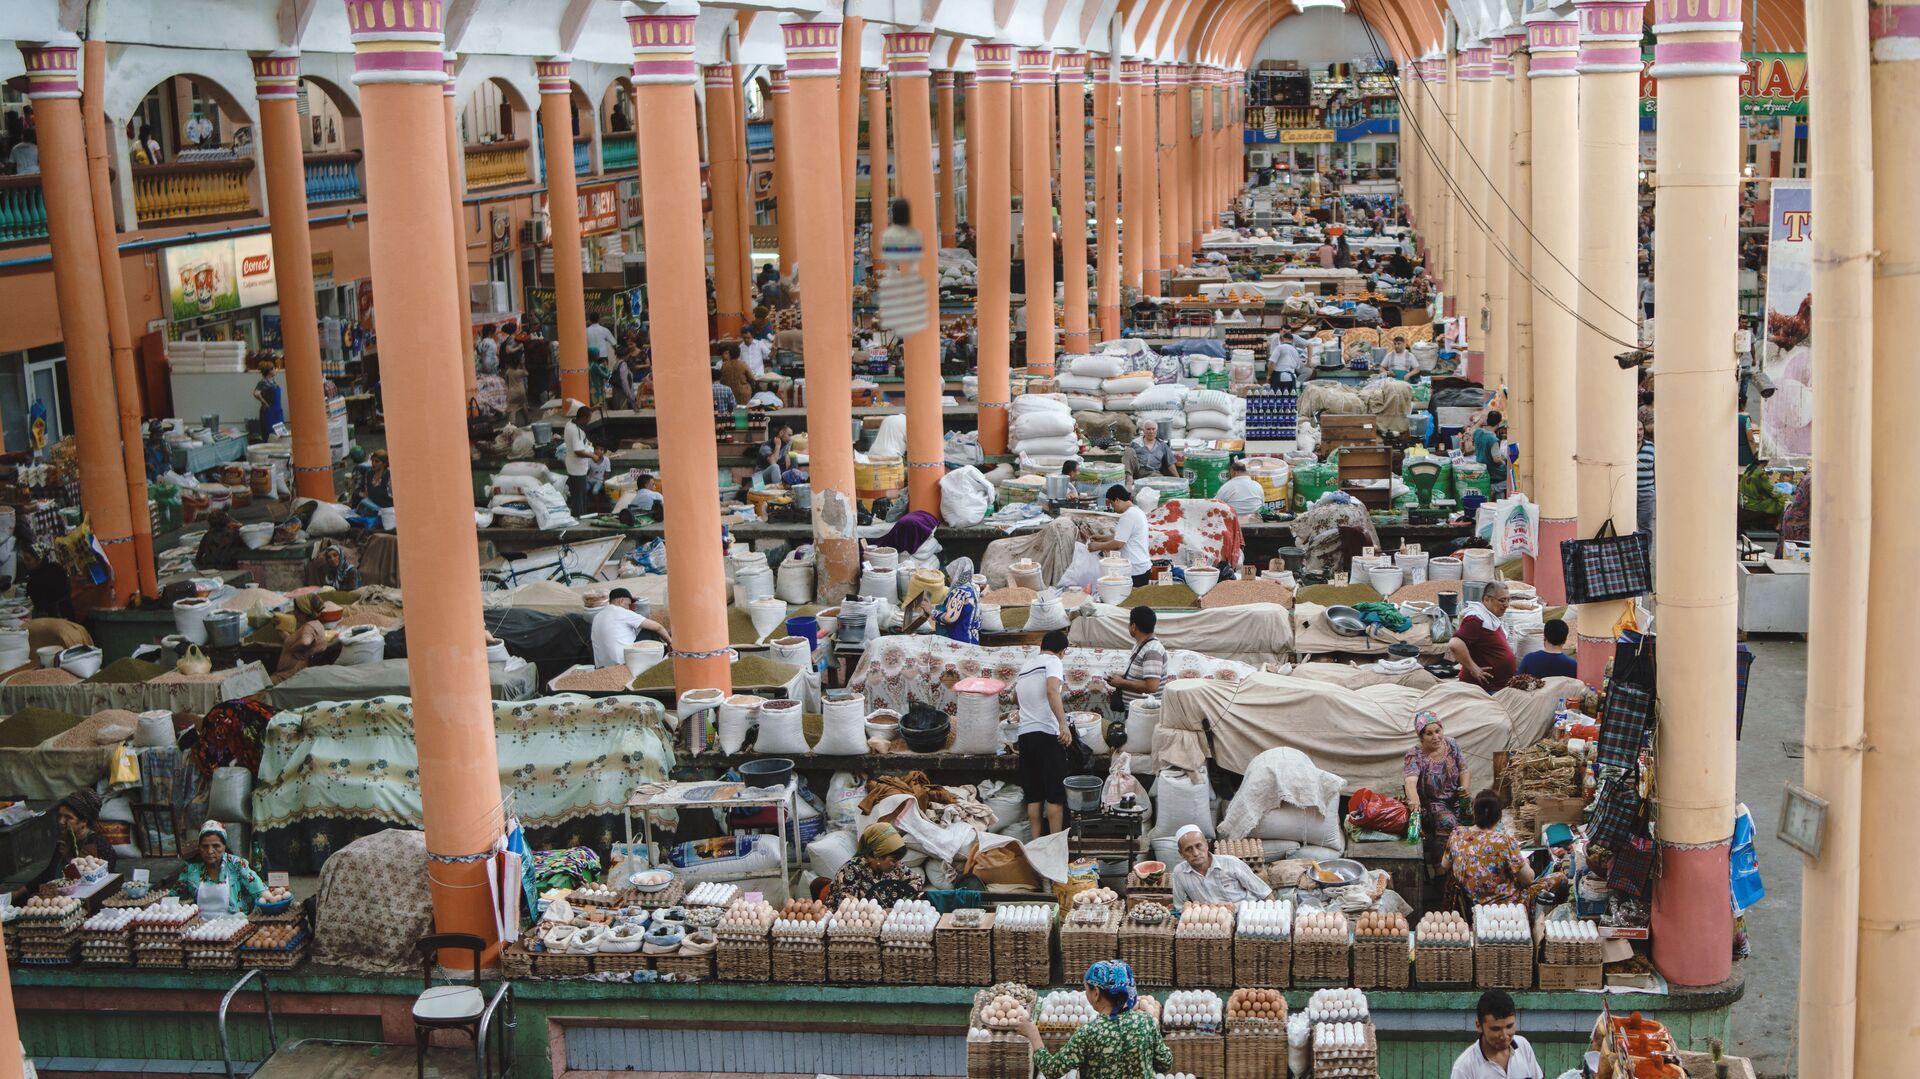 Рынок Панчшанбе в городе Худжанд, архивное фото - Sputnik Тоҷикистон, 1920, 18.04.2021